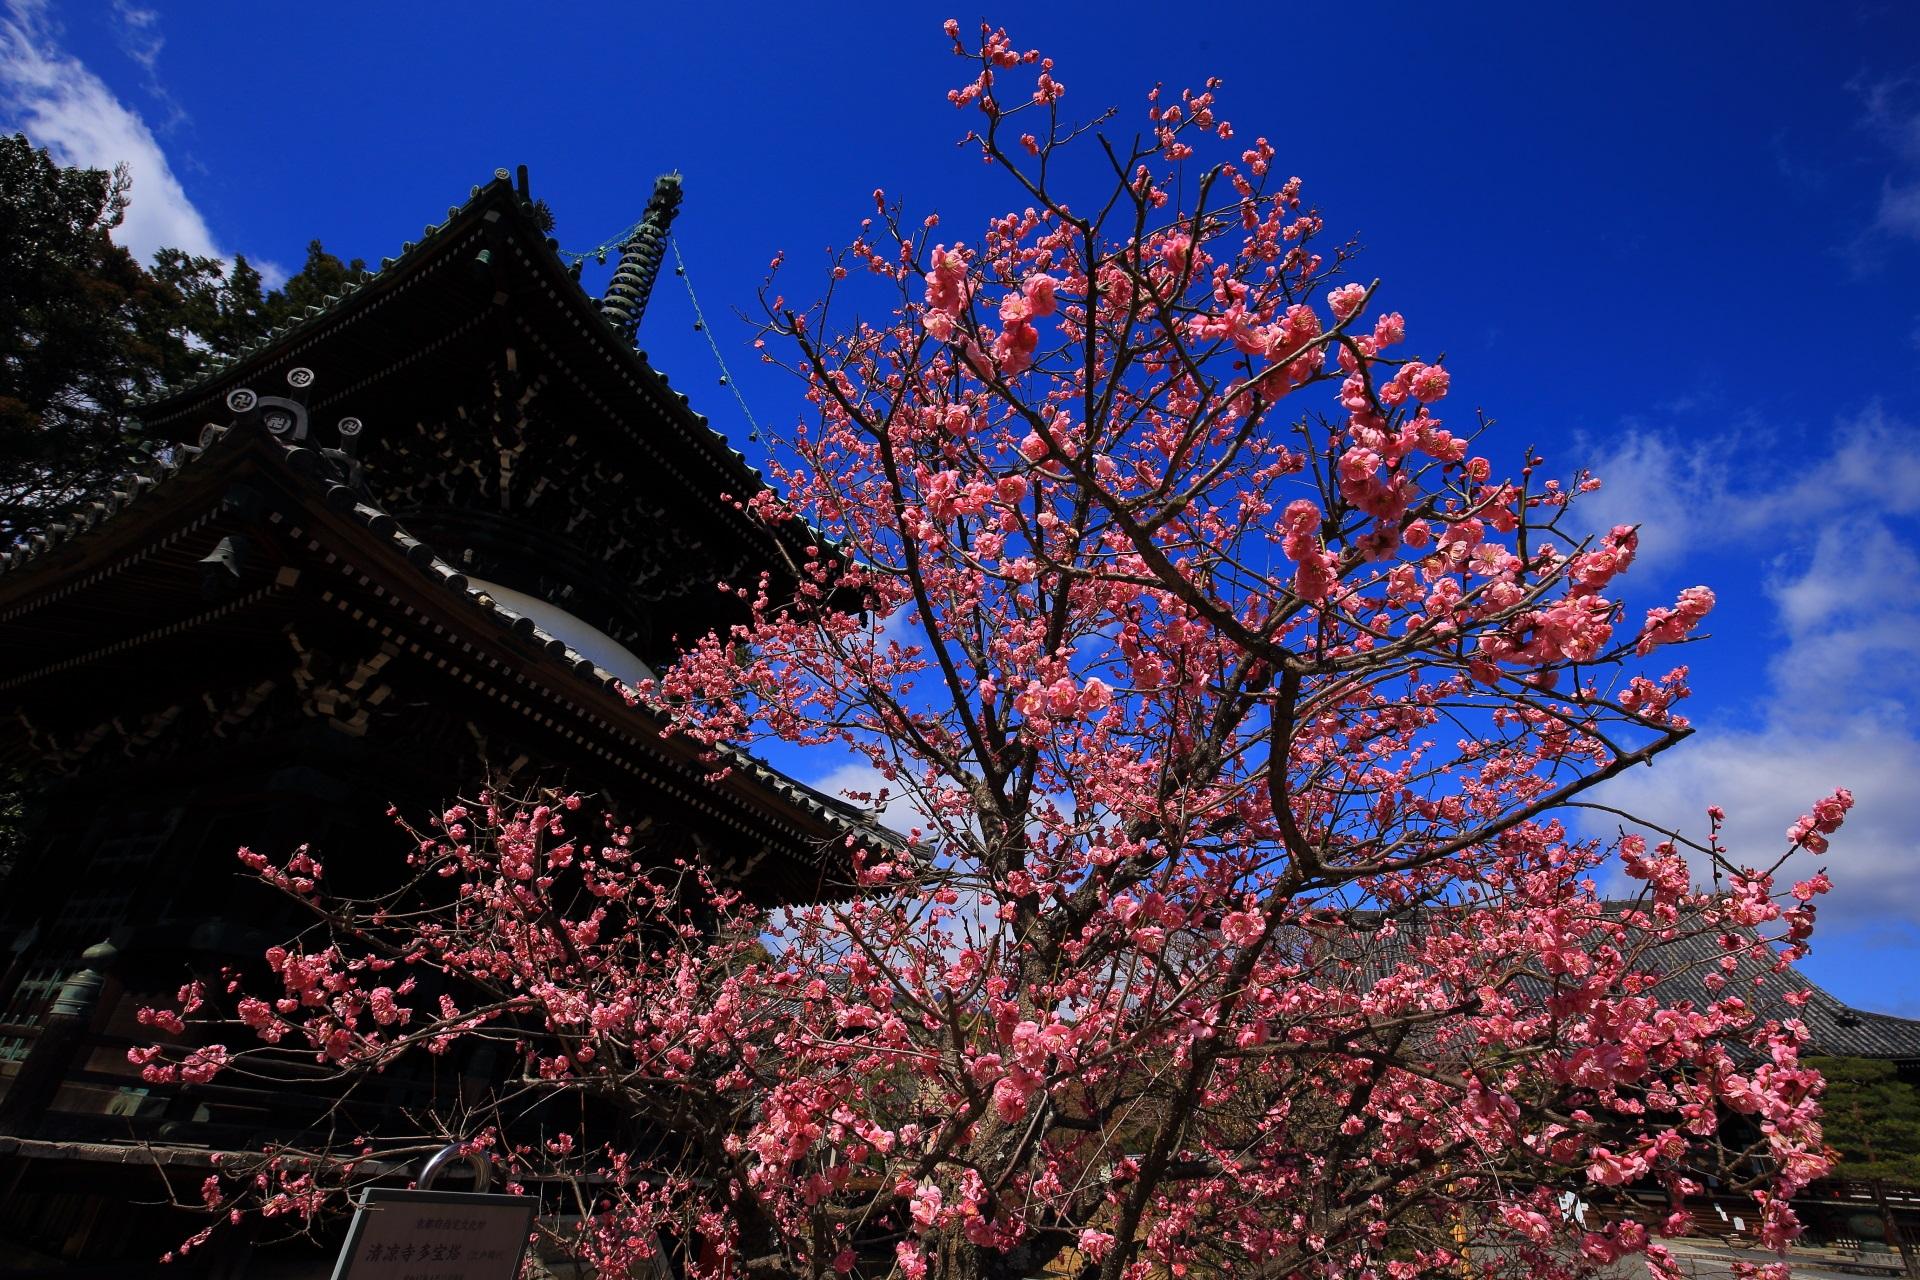 清涼寺の伽藍を彩る絶品の煌びやかな梅